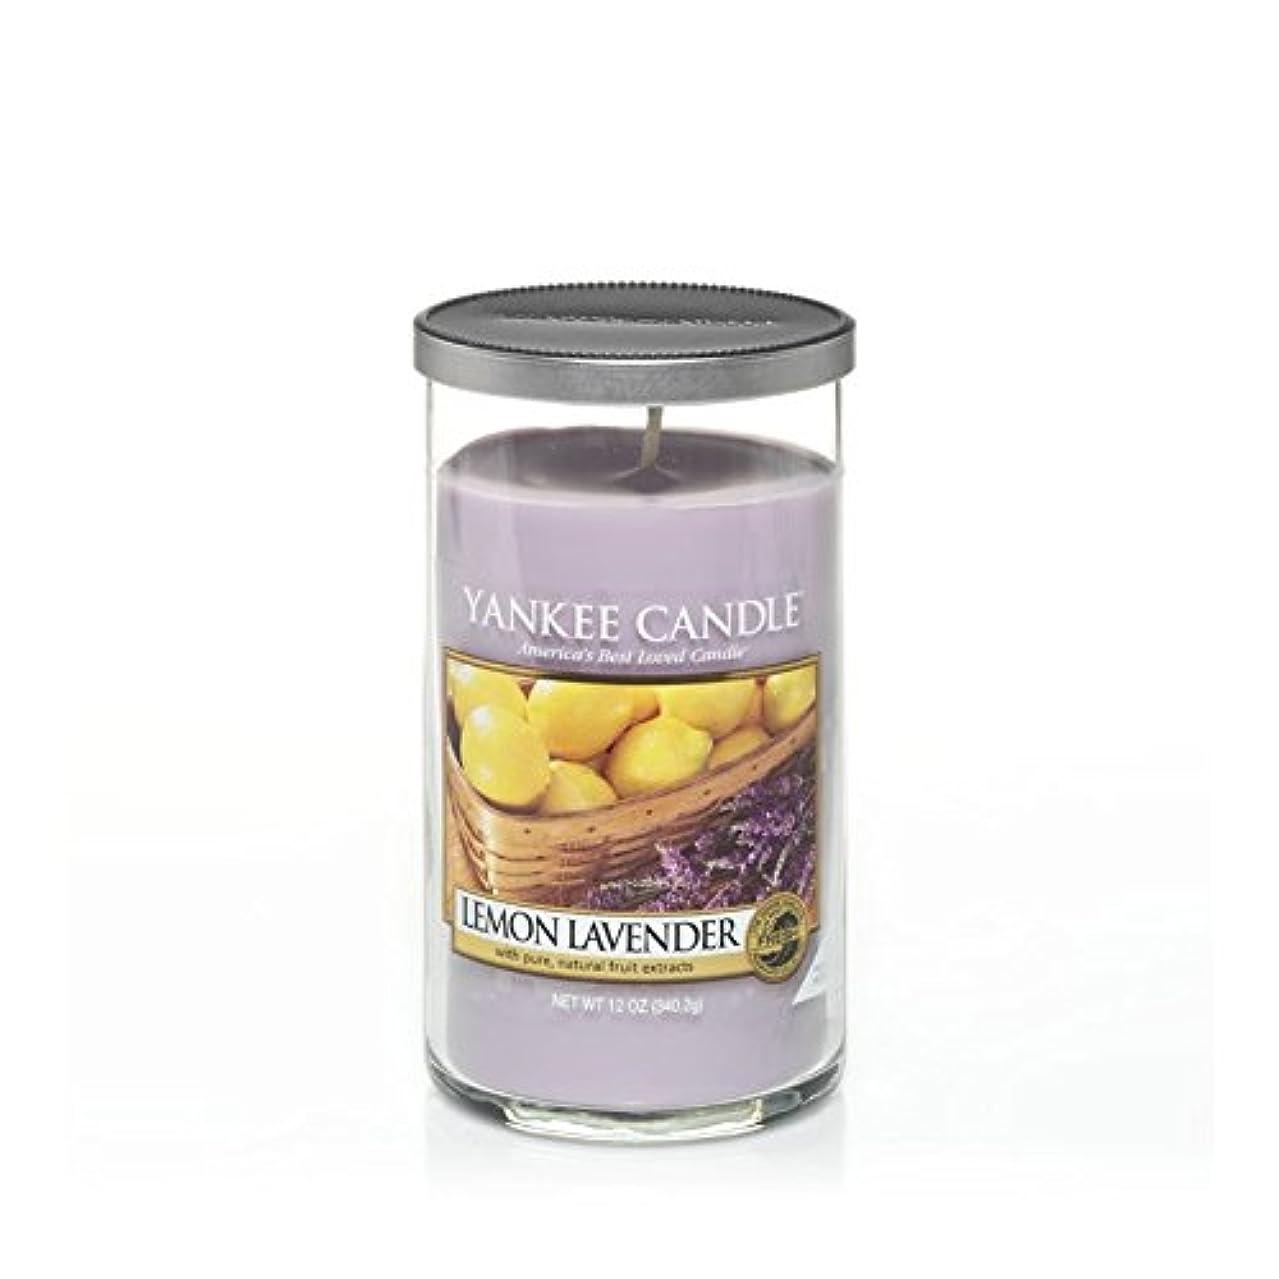 要旨フェデレーション繁栄するヤンキーキャンドルメディアピラーキャンドル - レモンラベンダー - Yankee Candles Medium Pillar Candle - Lemon Lavender (Yankee Candles) [並行輸入品]